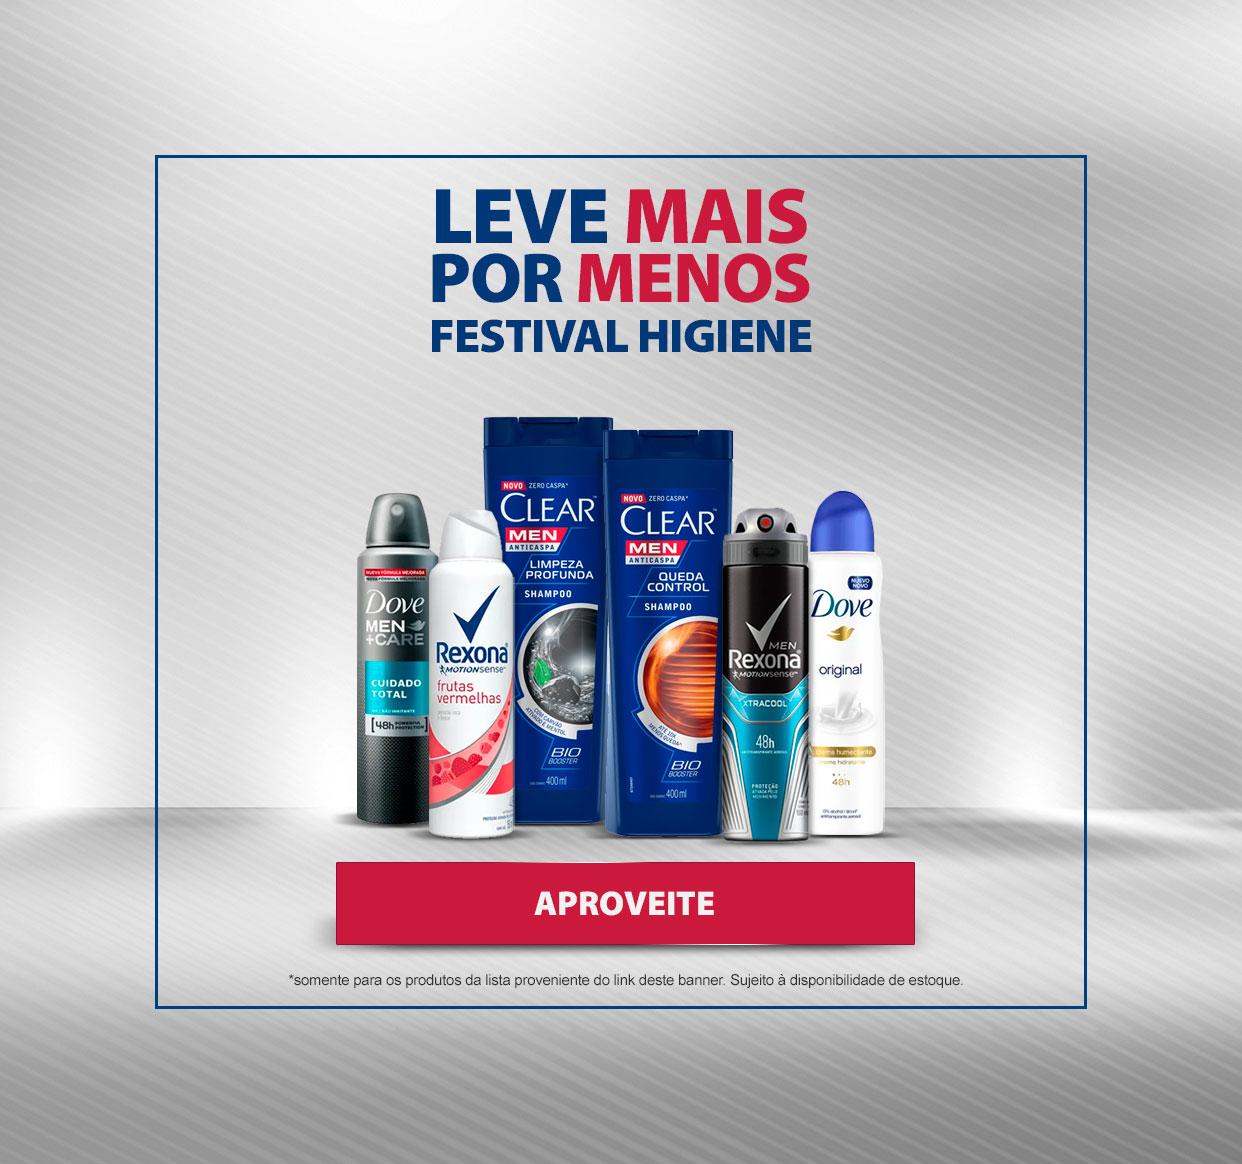 MOBILE Festival Higiene Unilever2